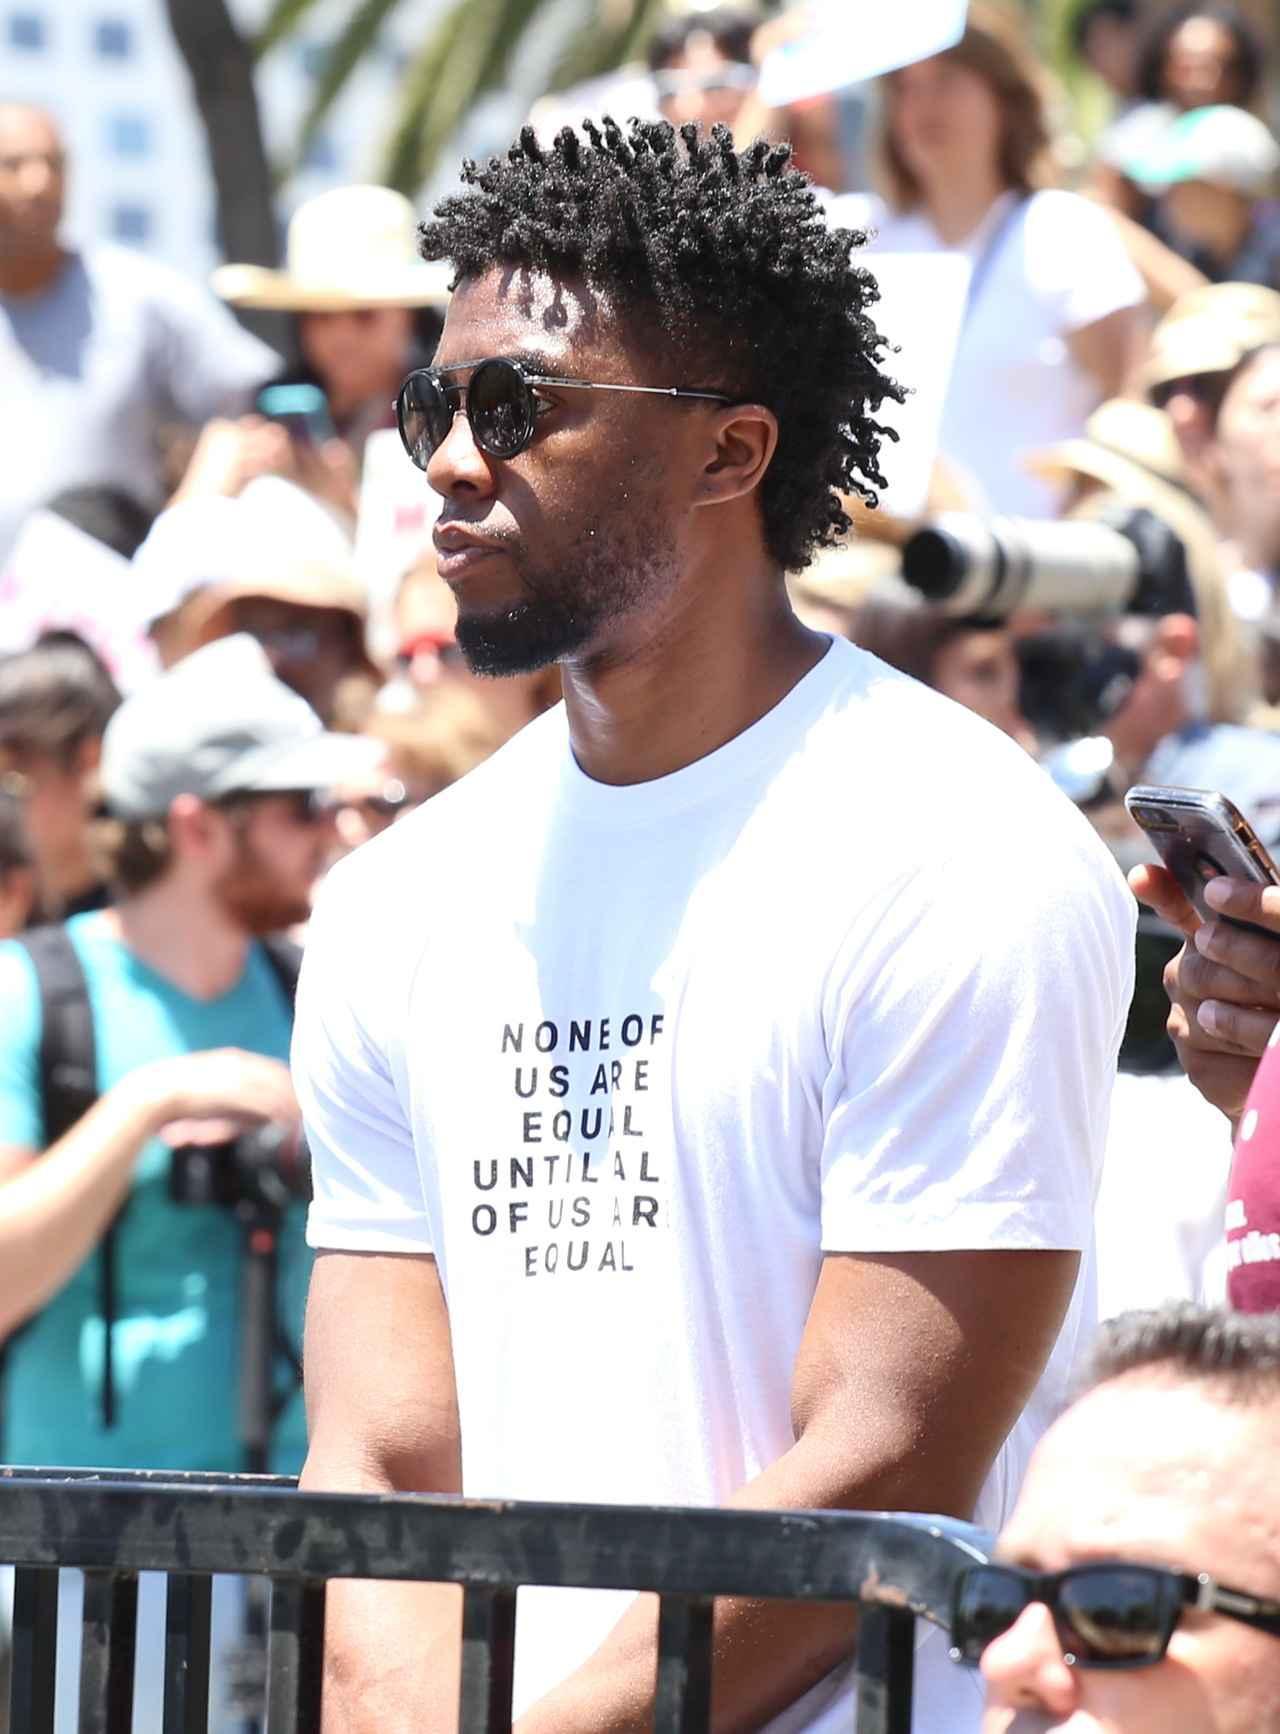 画像: 映画でスーパーヒーローのブラックパンサーを演じるチャドウィックは、 「すべての人たちが平等になるまで、誰も平等ではない」 というメッセージが書かれたTシャツを着て参加。